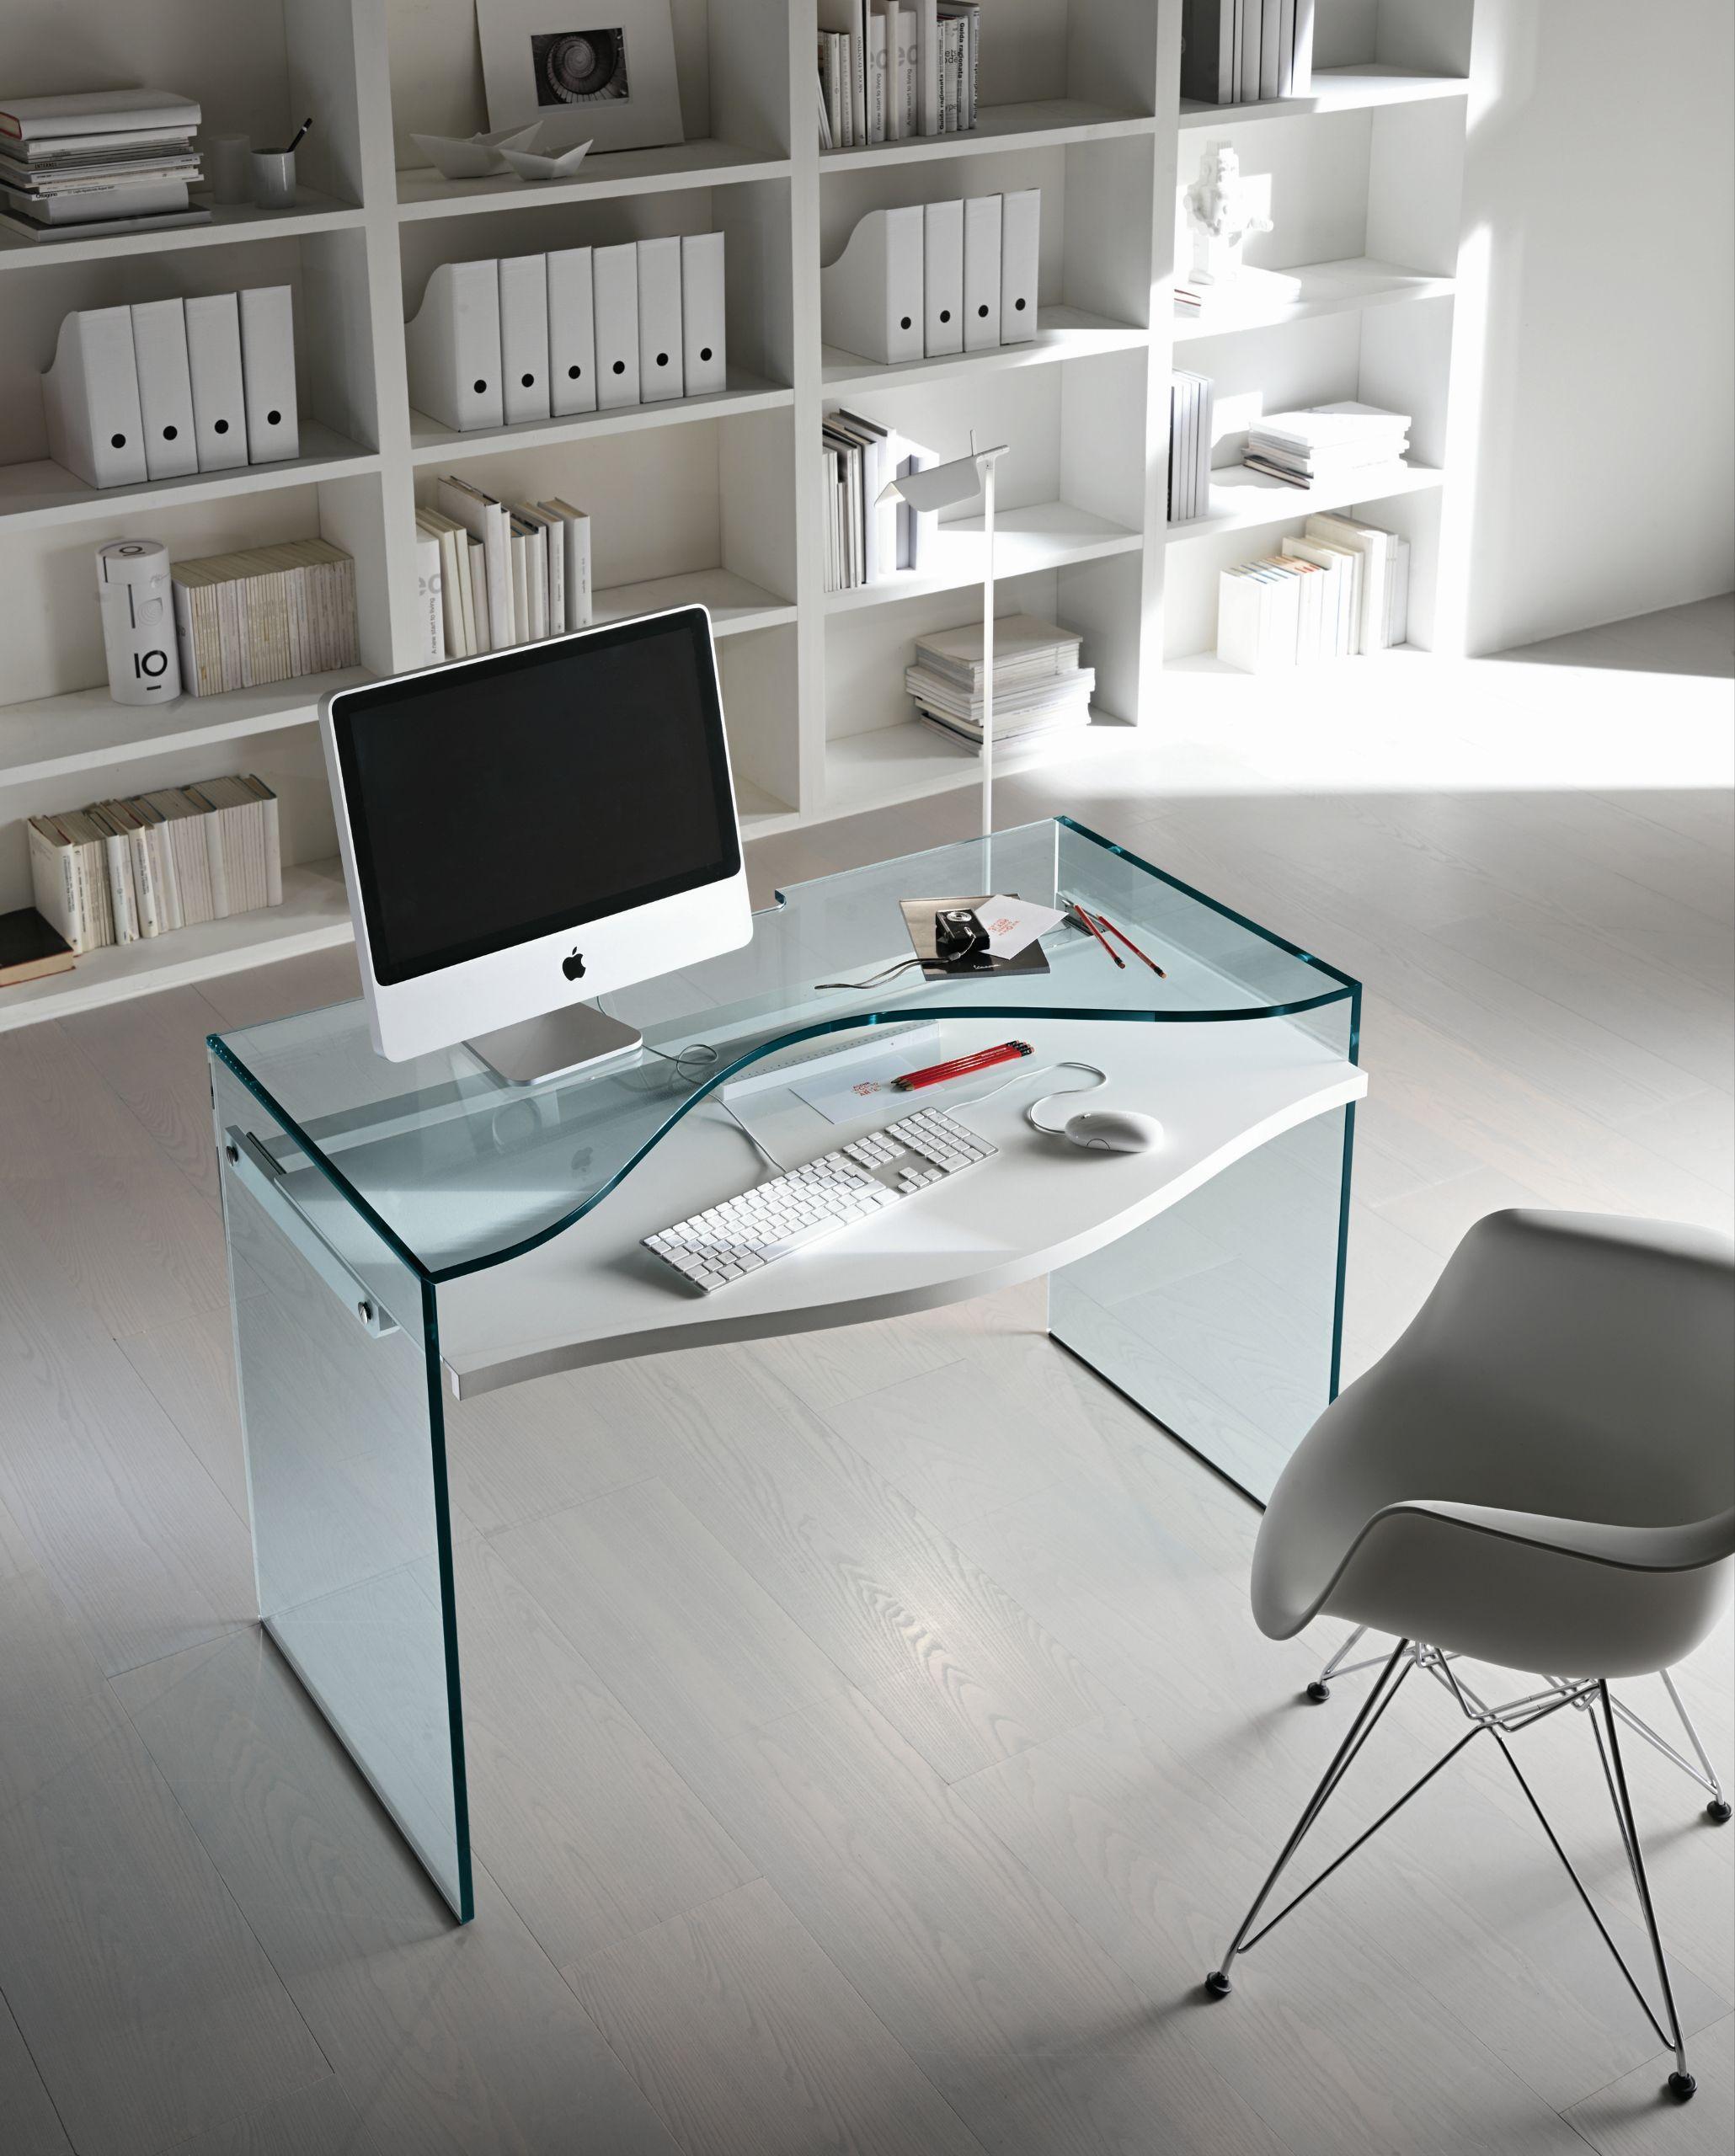 Escritorio de vidrio para pc strata t d tonelli design - Mesas ordenador pequenas ...